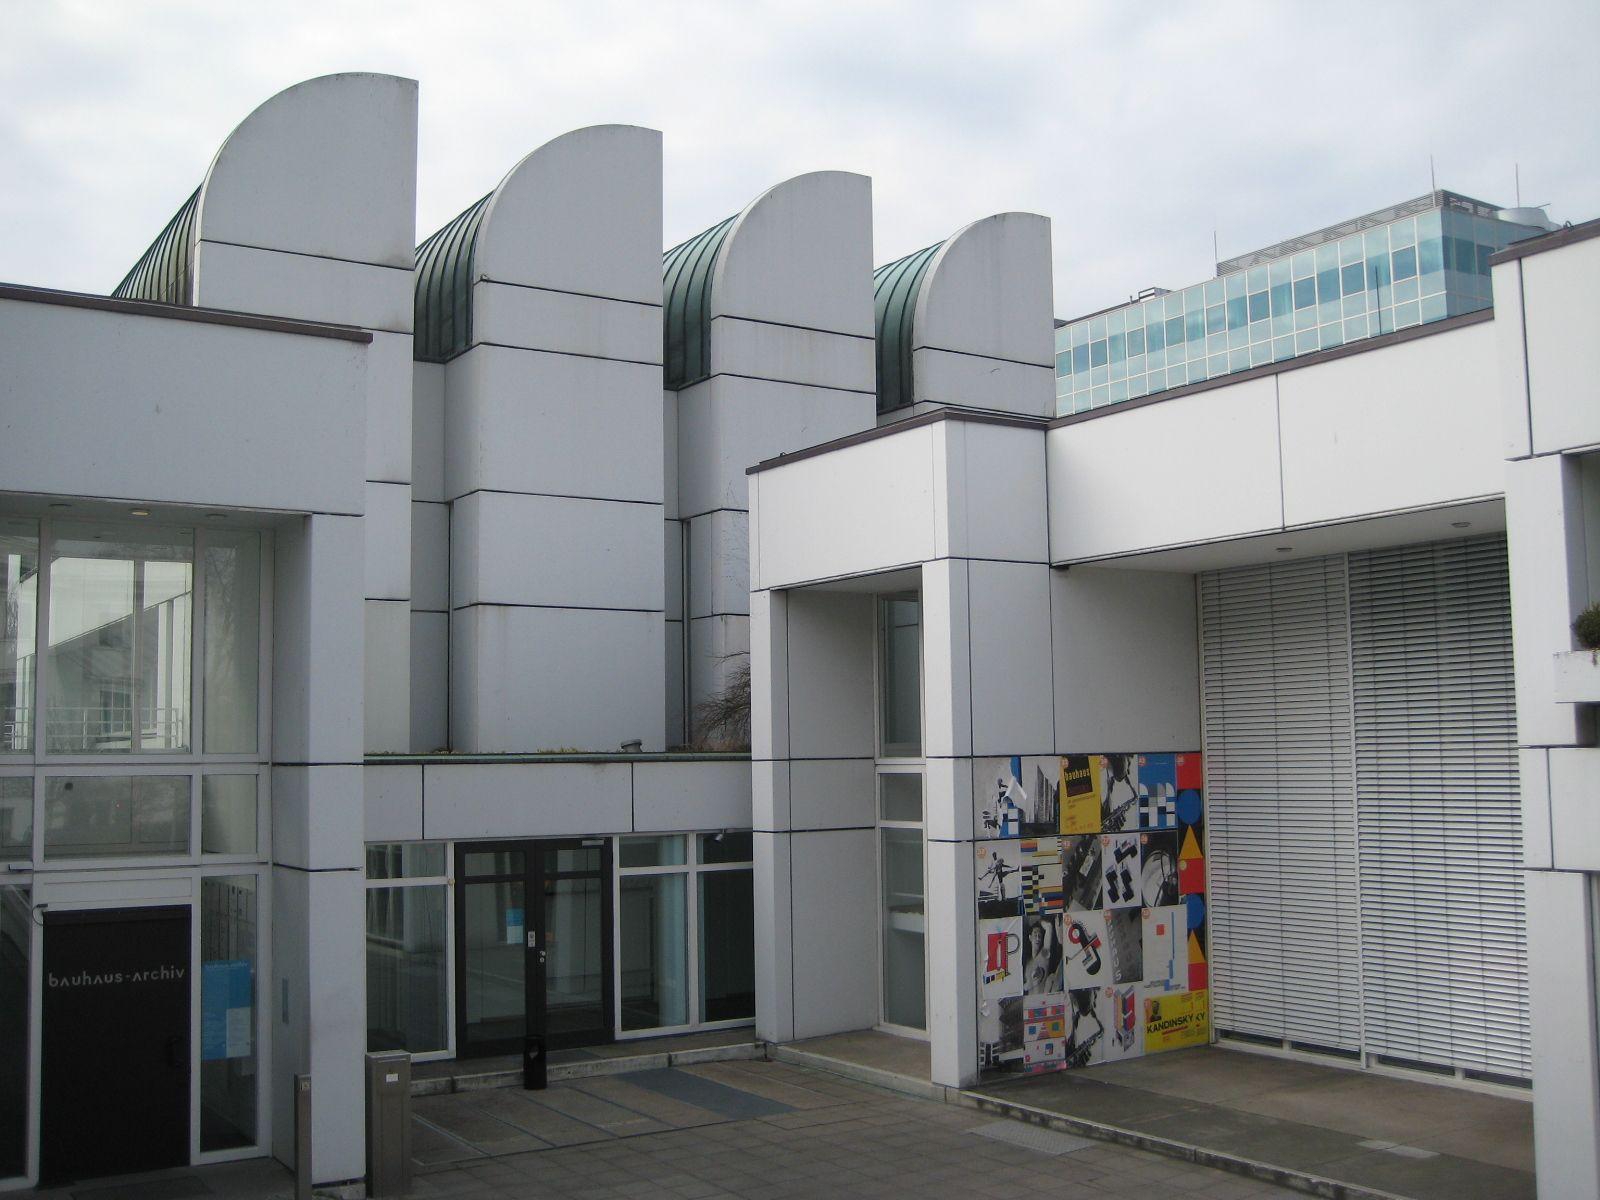 Gropius Museum